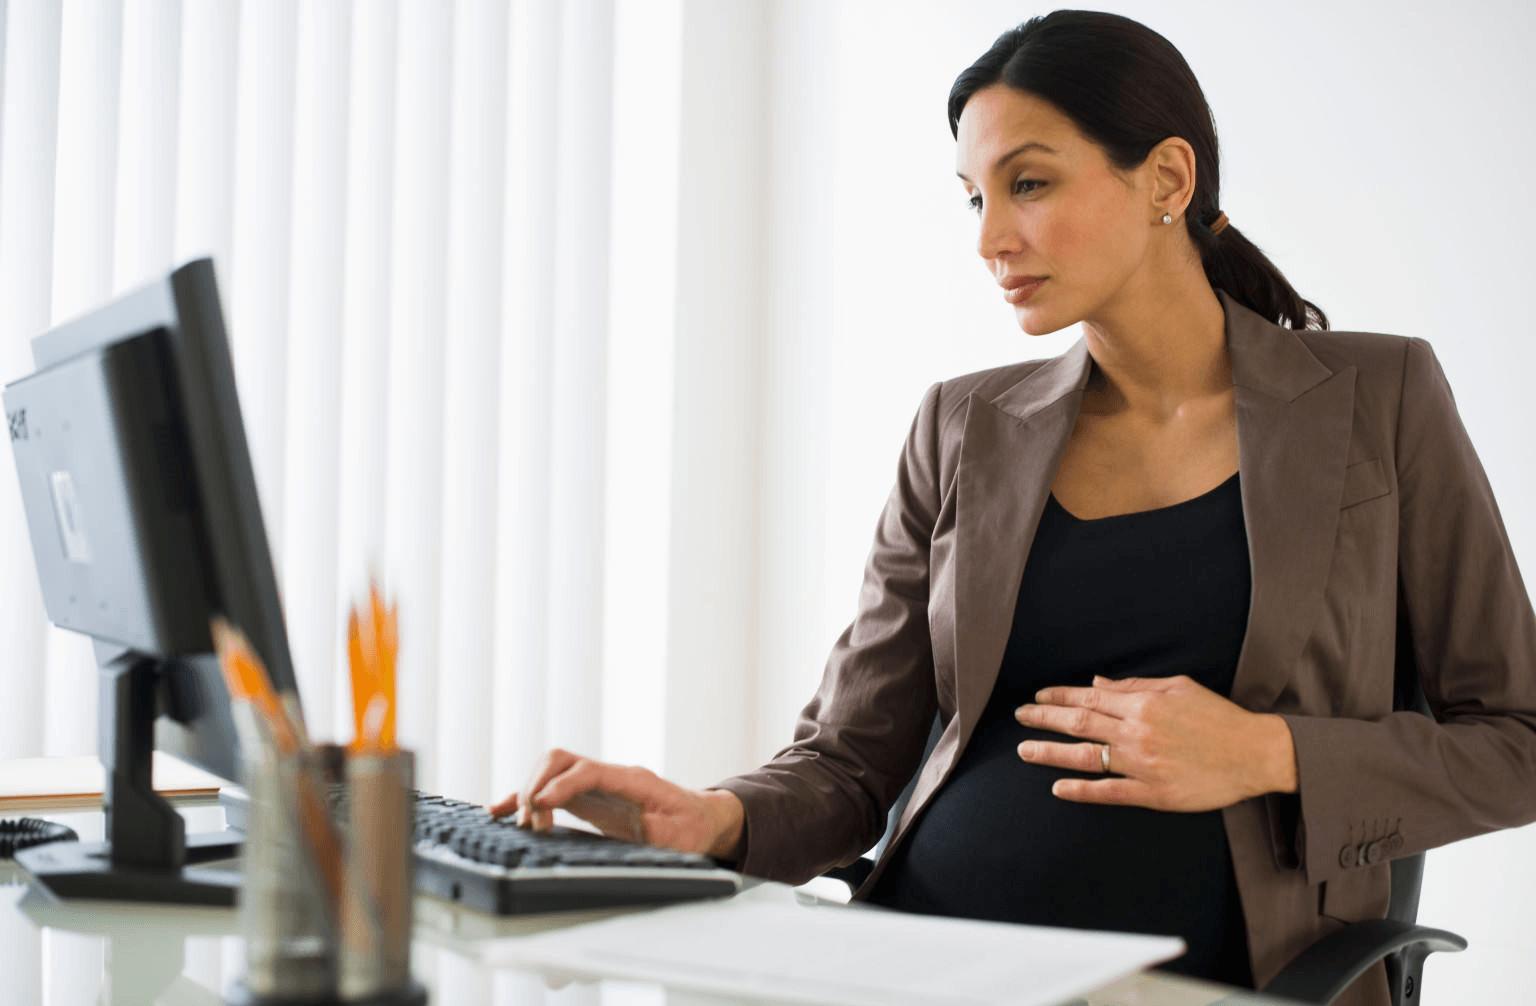 Сокращение беременных: могут ли сократить должность женщины на работе при беременности, когда увольнение допустимо?